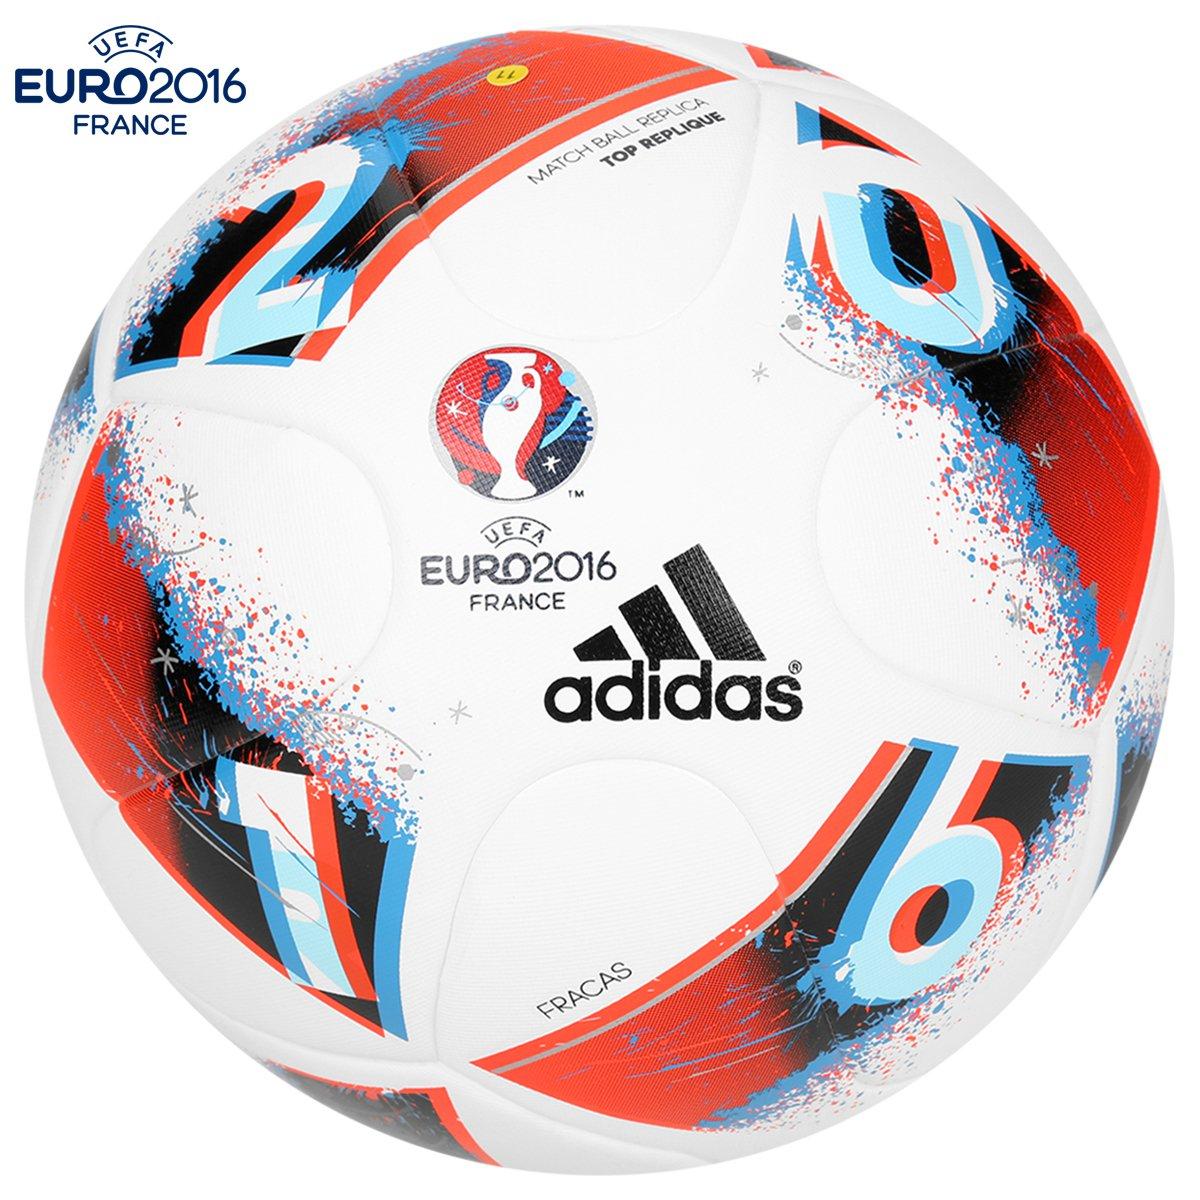 b0669d2b85 Bola Futebol Campo Adidas Euro 2016 Top Réplica - Compre Agora ...